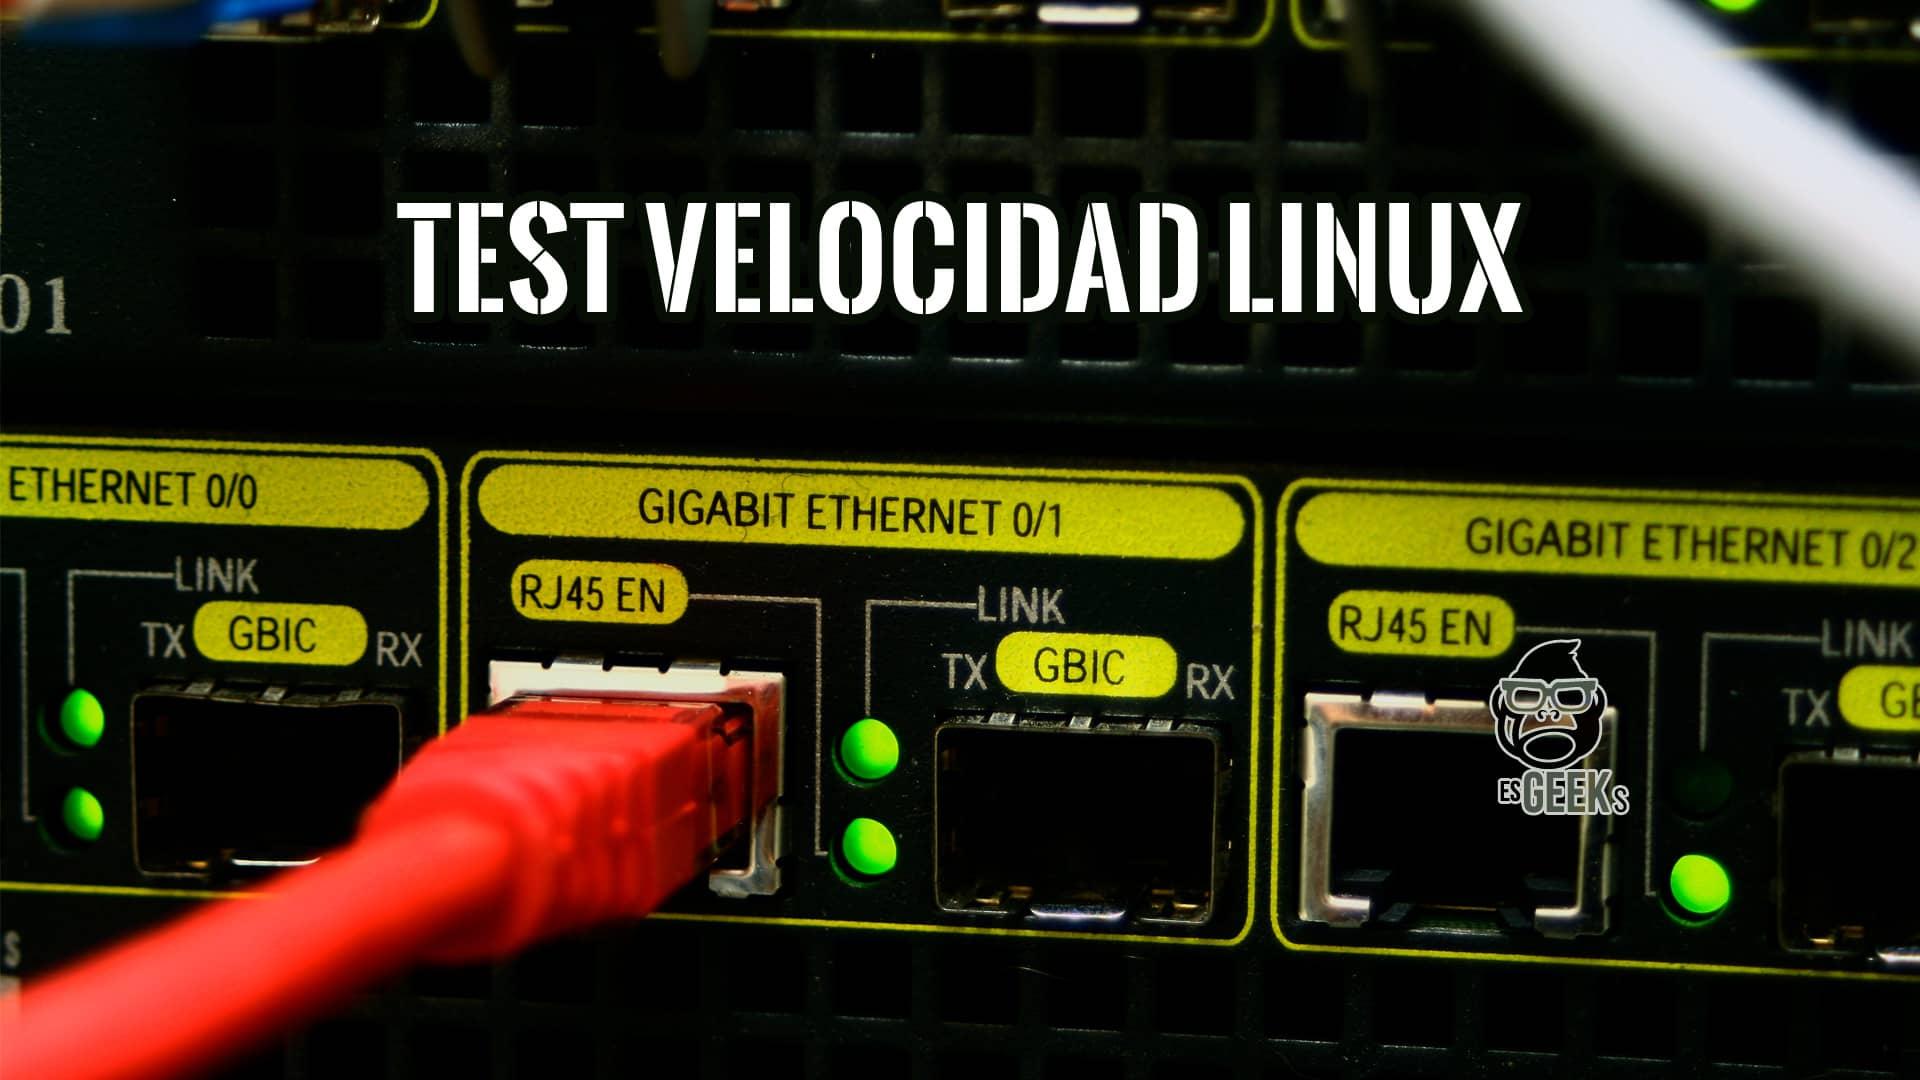 Test Velocidad Internet Ookla Linux